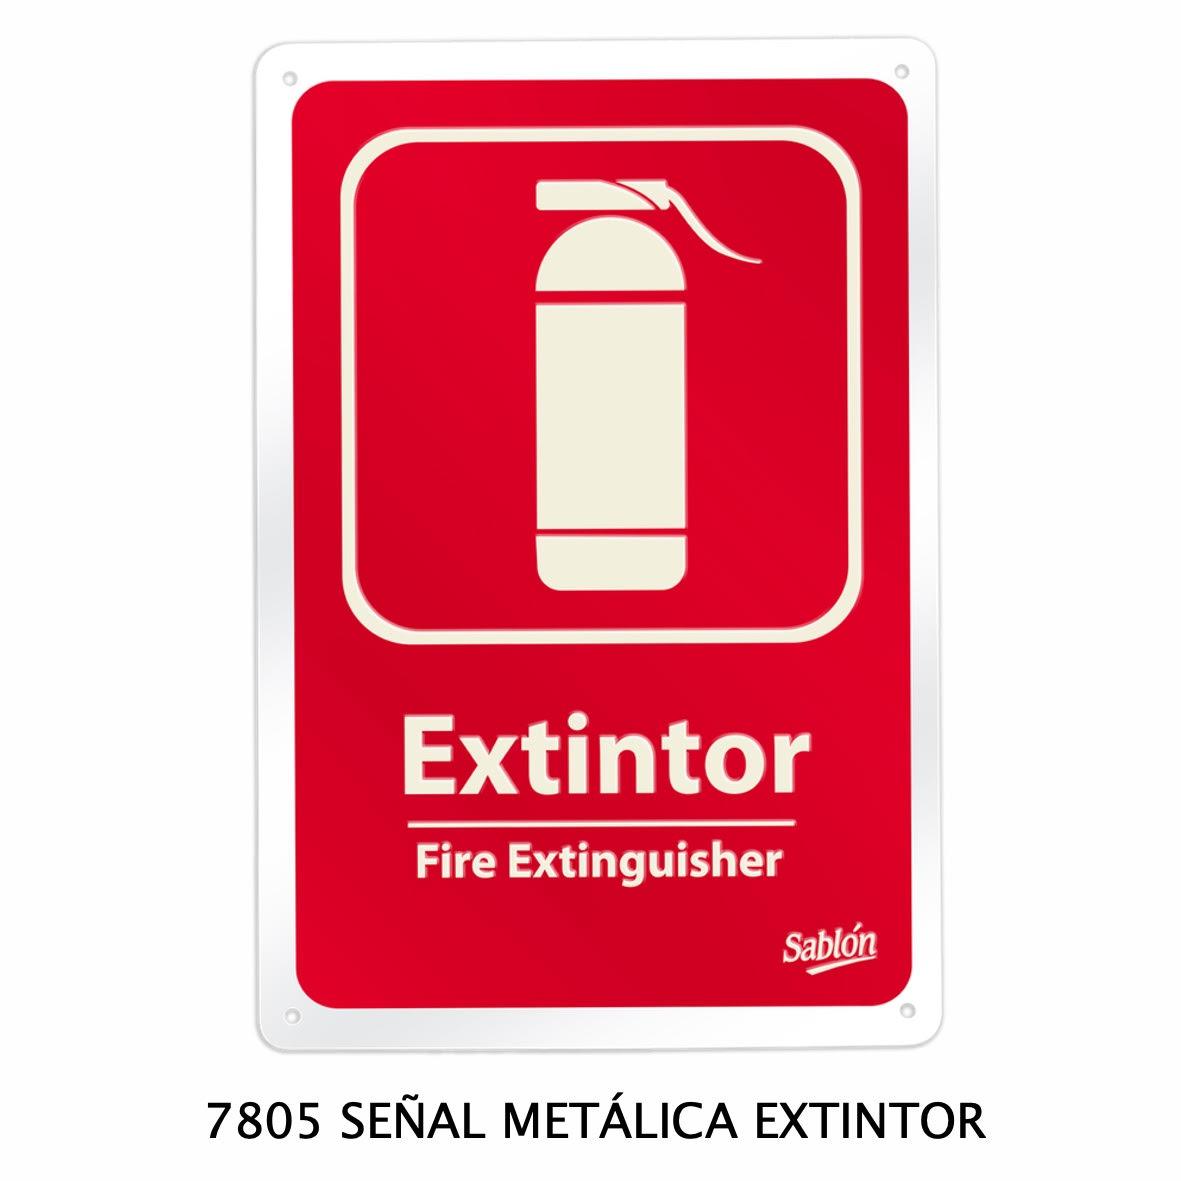 Señal metálica de extintor modelo 7805 de Sablón